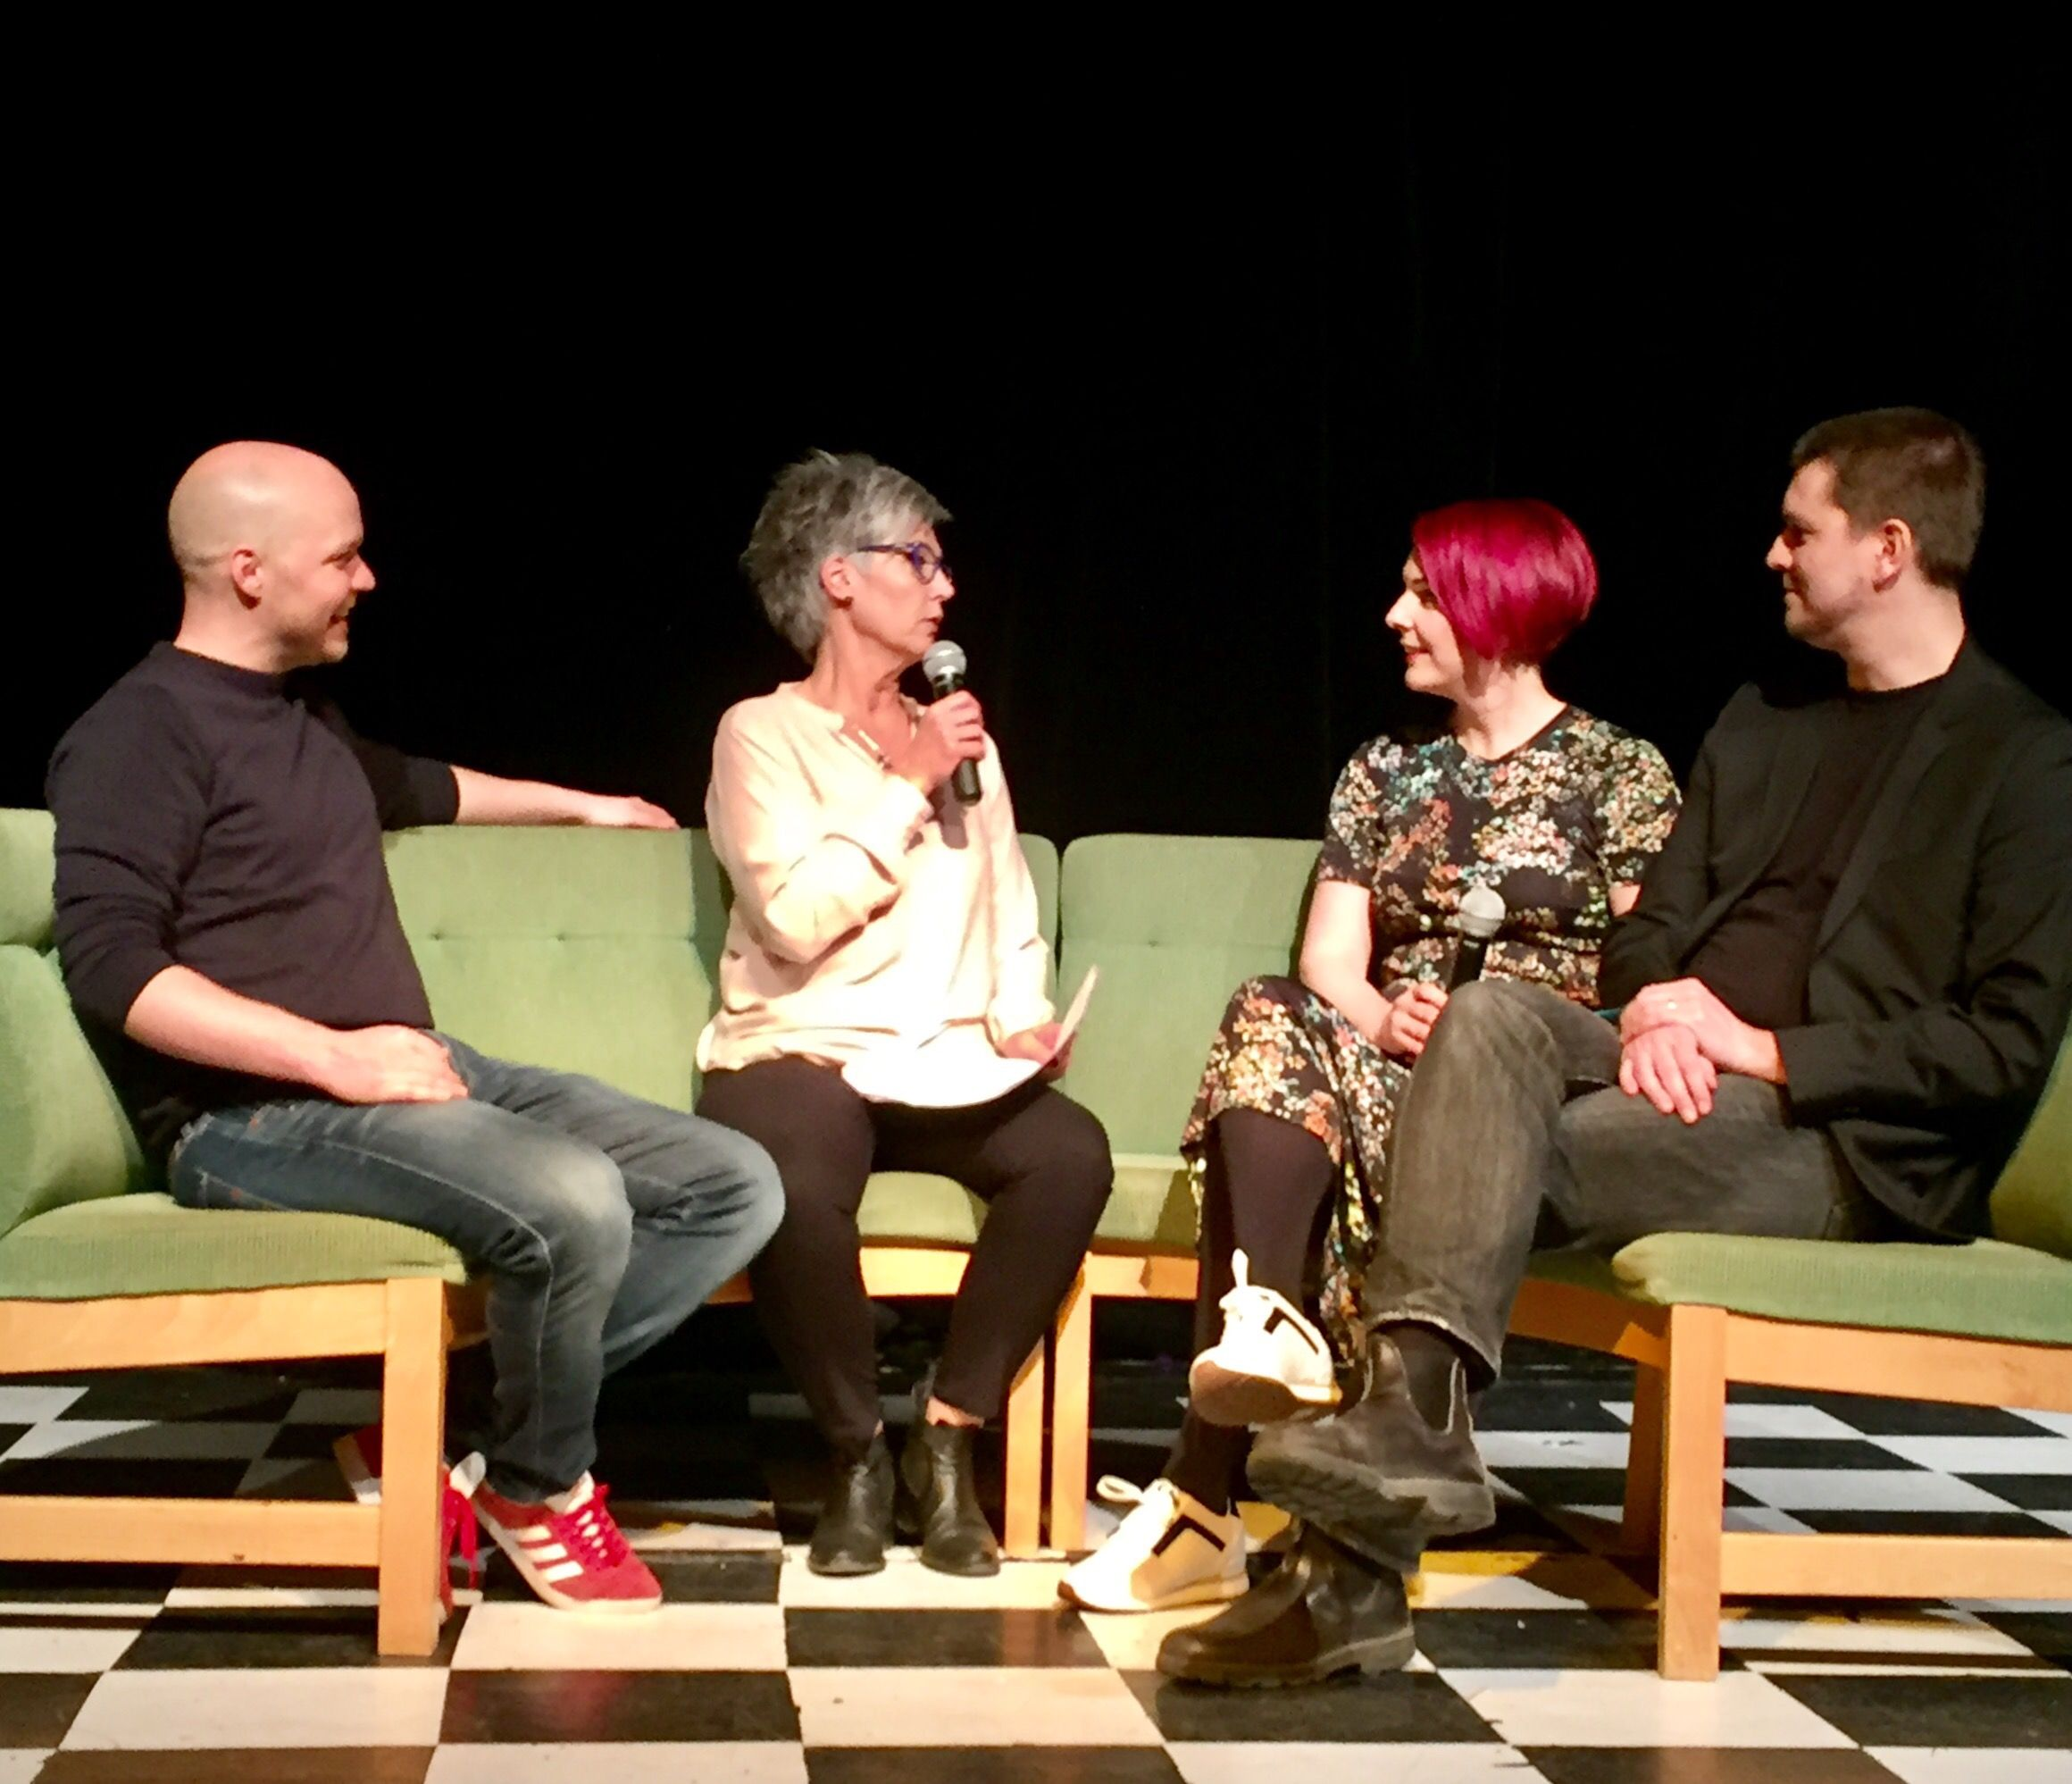 Fredrik Nylén, Madeleine Bäck och jag, modererade av Pia Möller Andersson